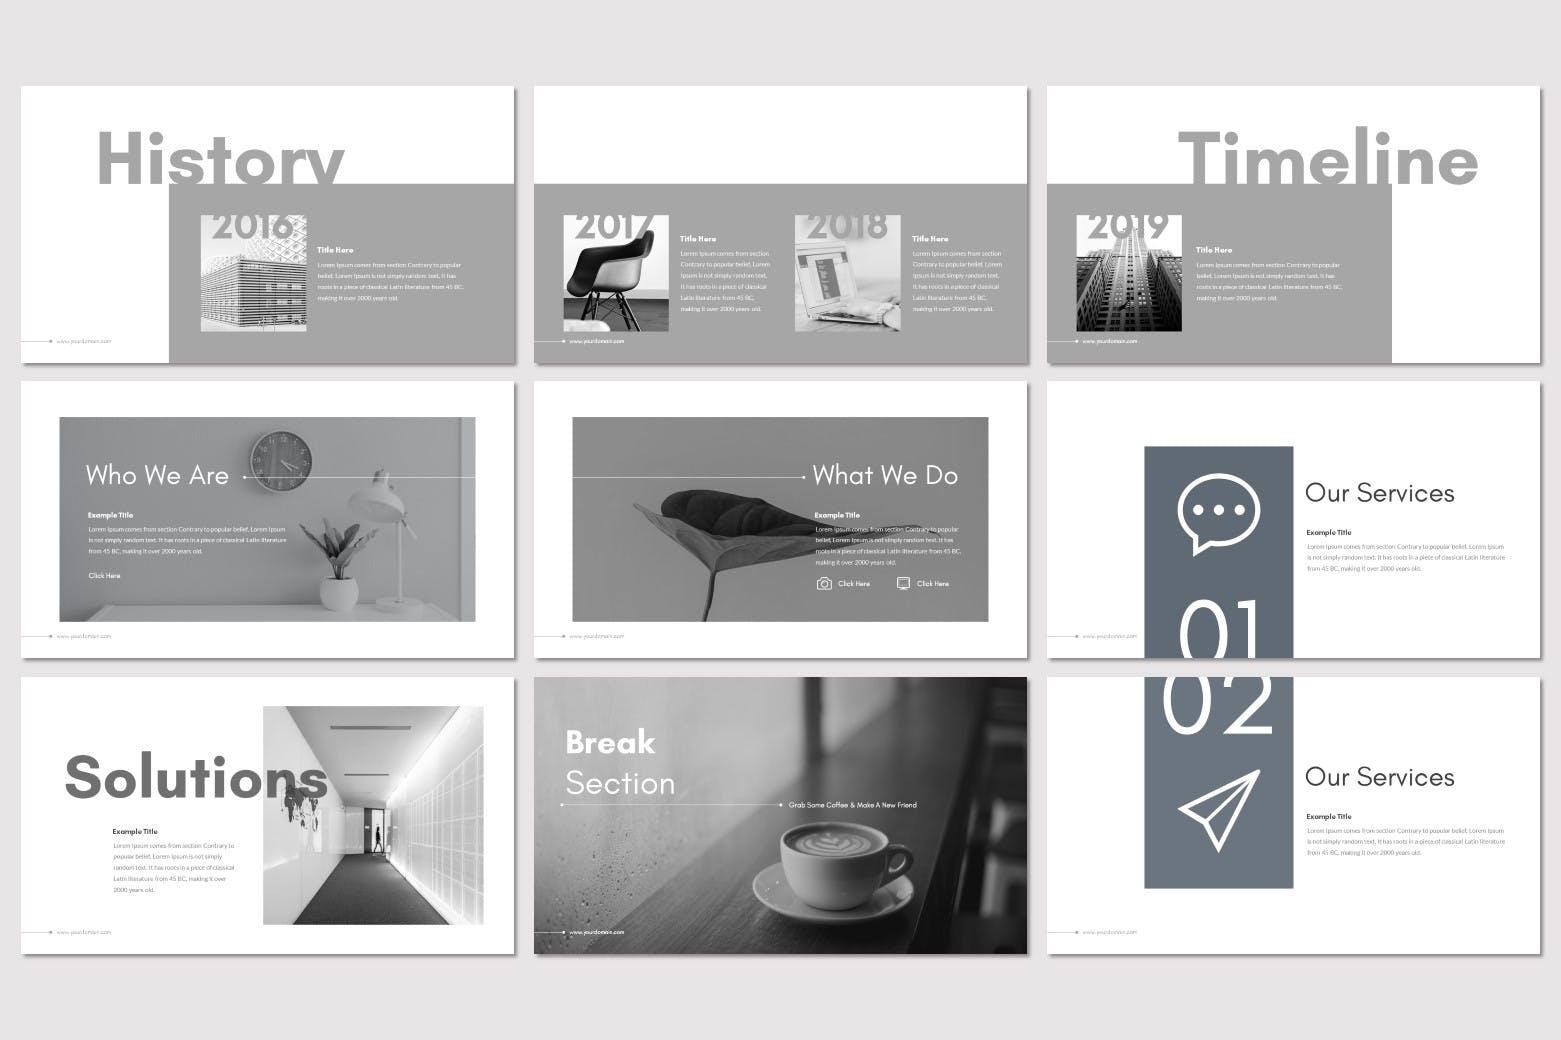 独特创意的商业或个人简洁的ppt模板下载[PPTX]设计素材模板